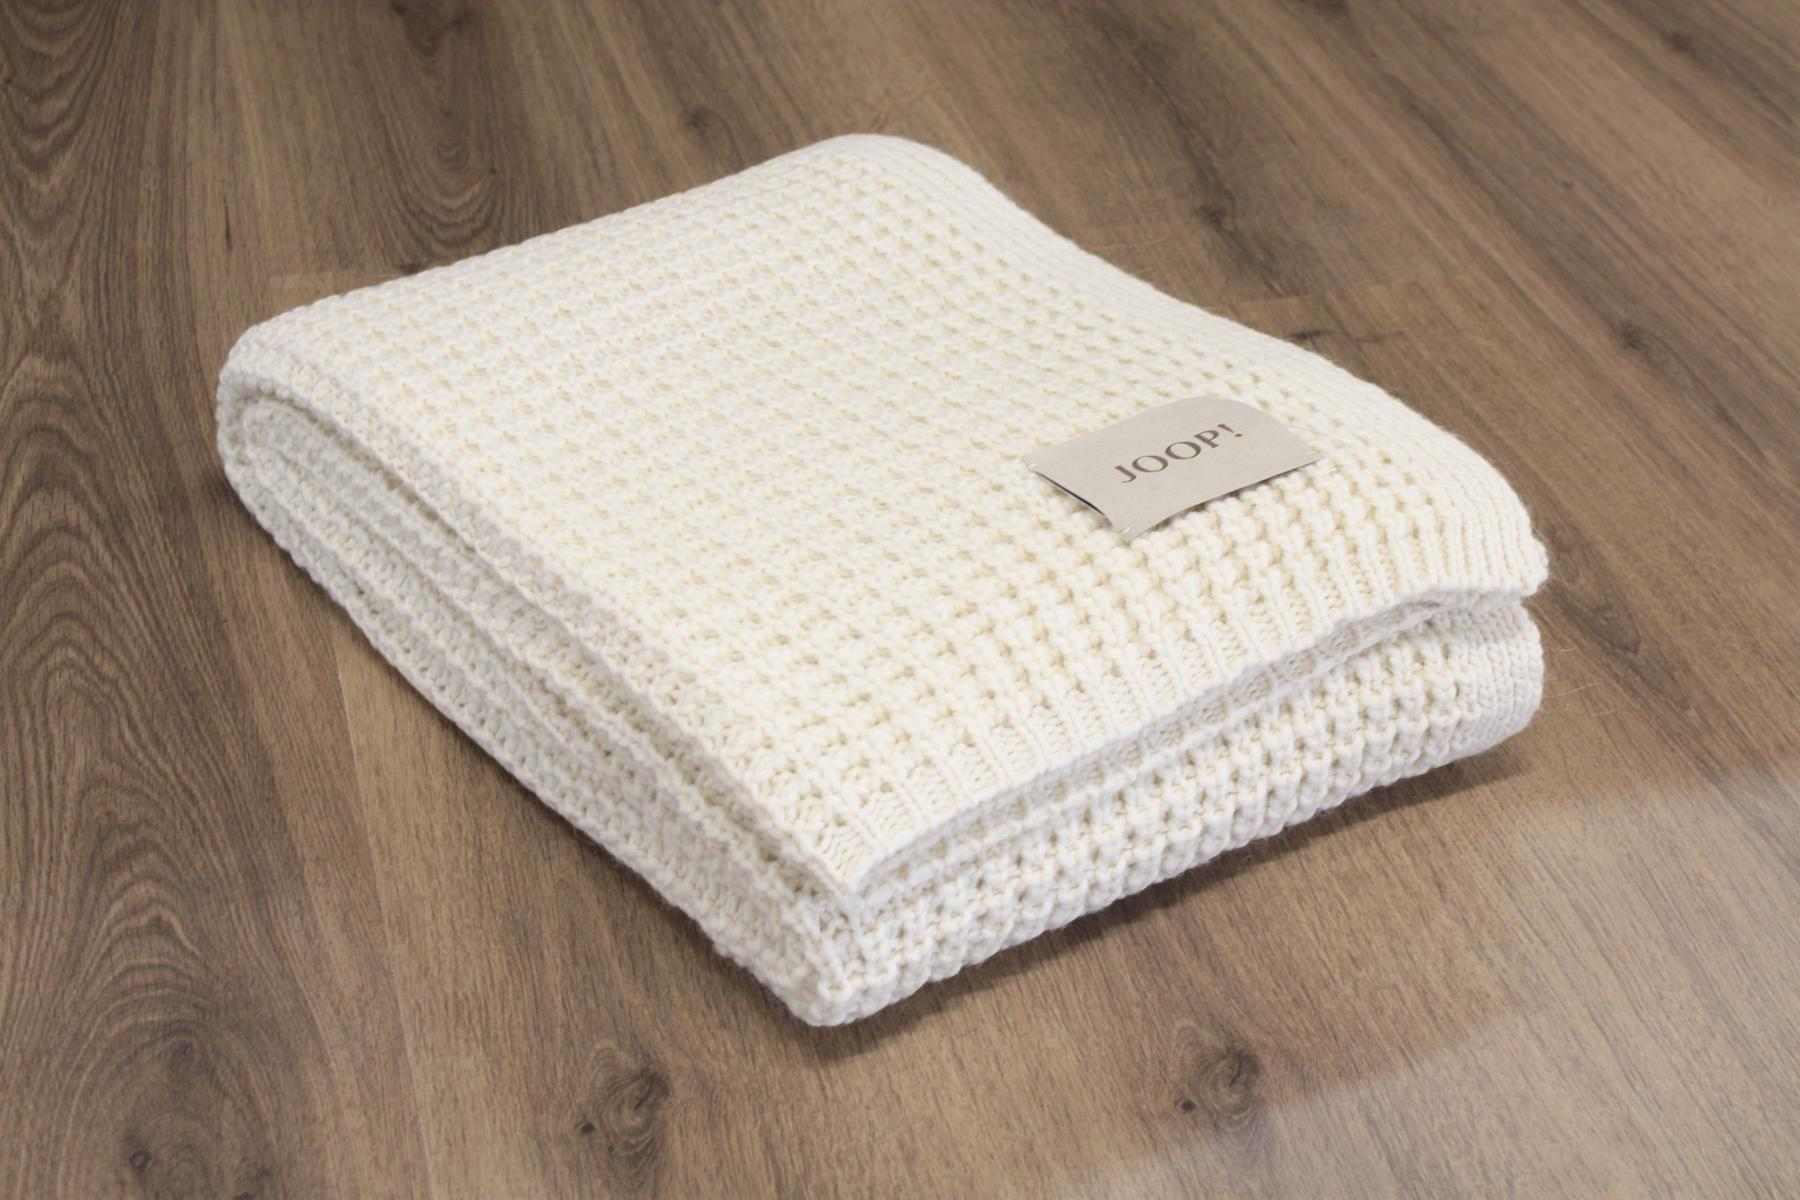 joop kuscheldecke wohndecke strickplaid knit natur 130x180cm 694003 4000141694003 ebay. Black Bedroom Furniture Sets. Home Design Ideas